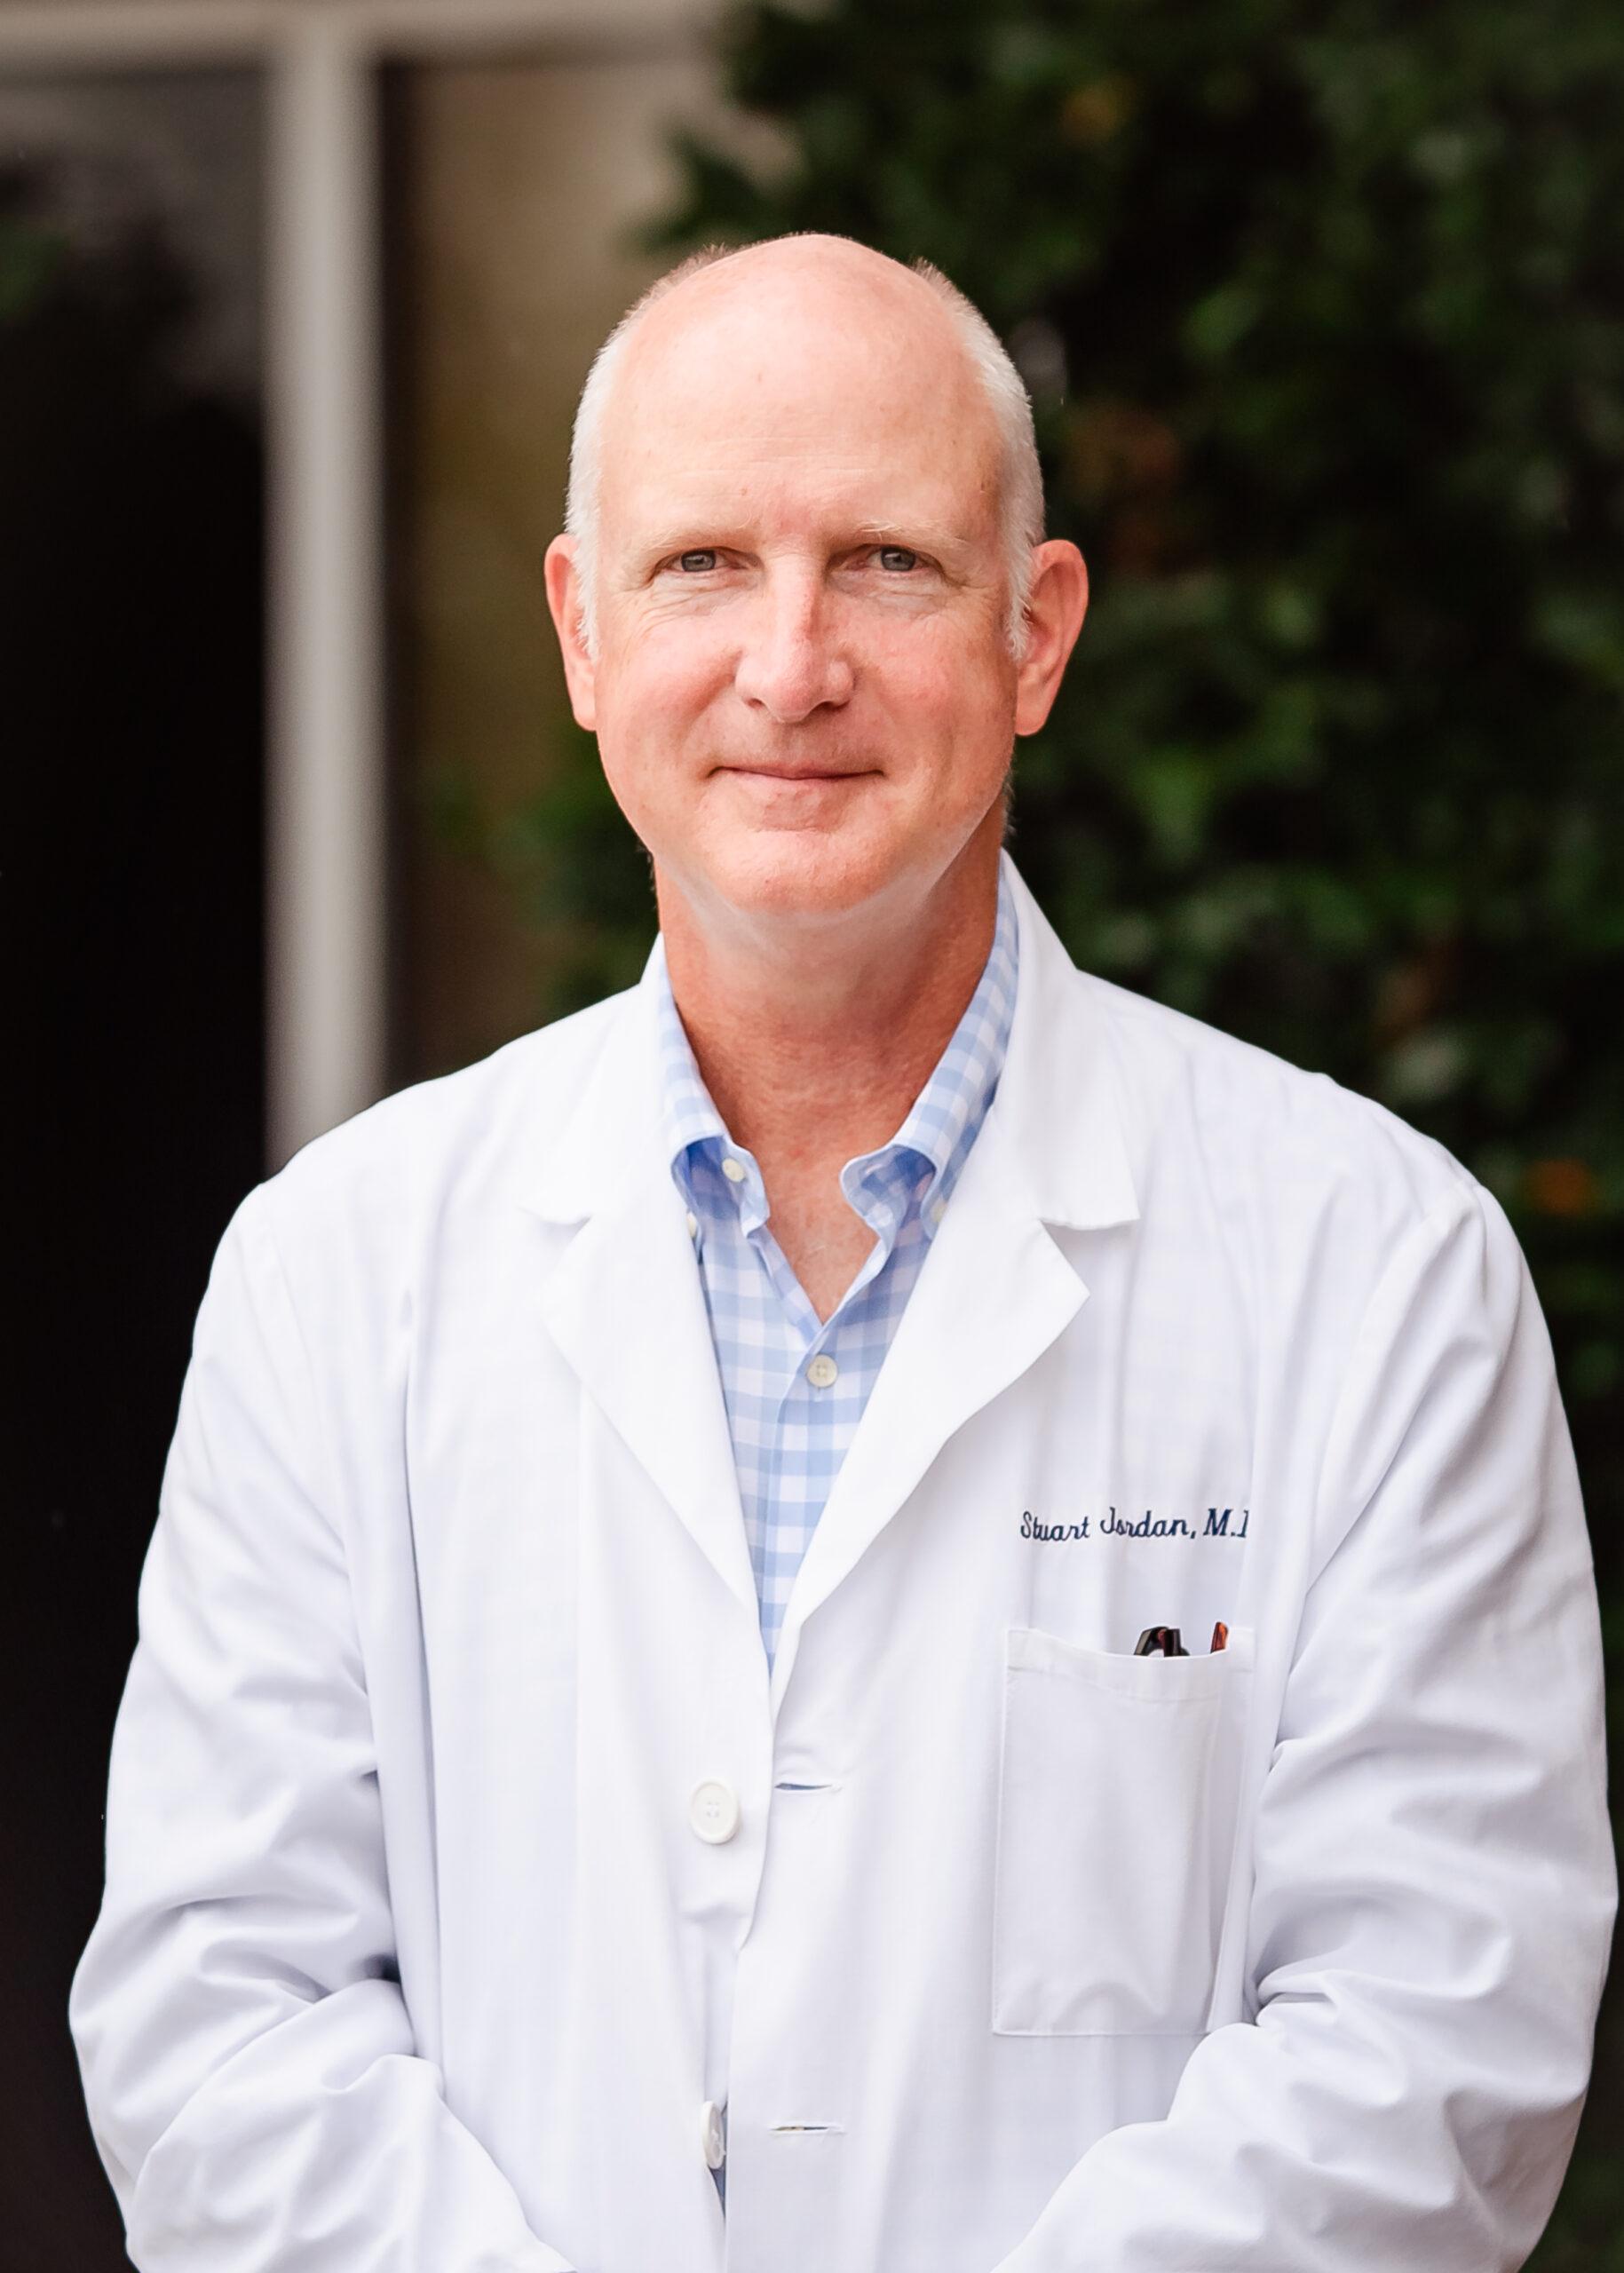 Stuart H. Jordan, MD